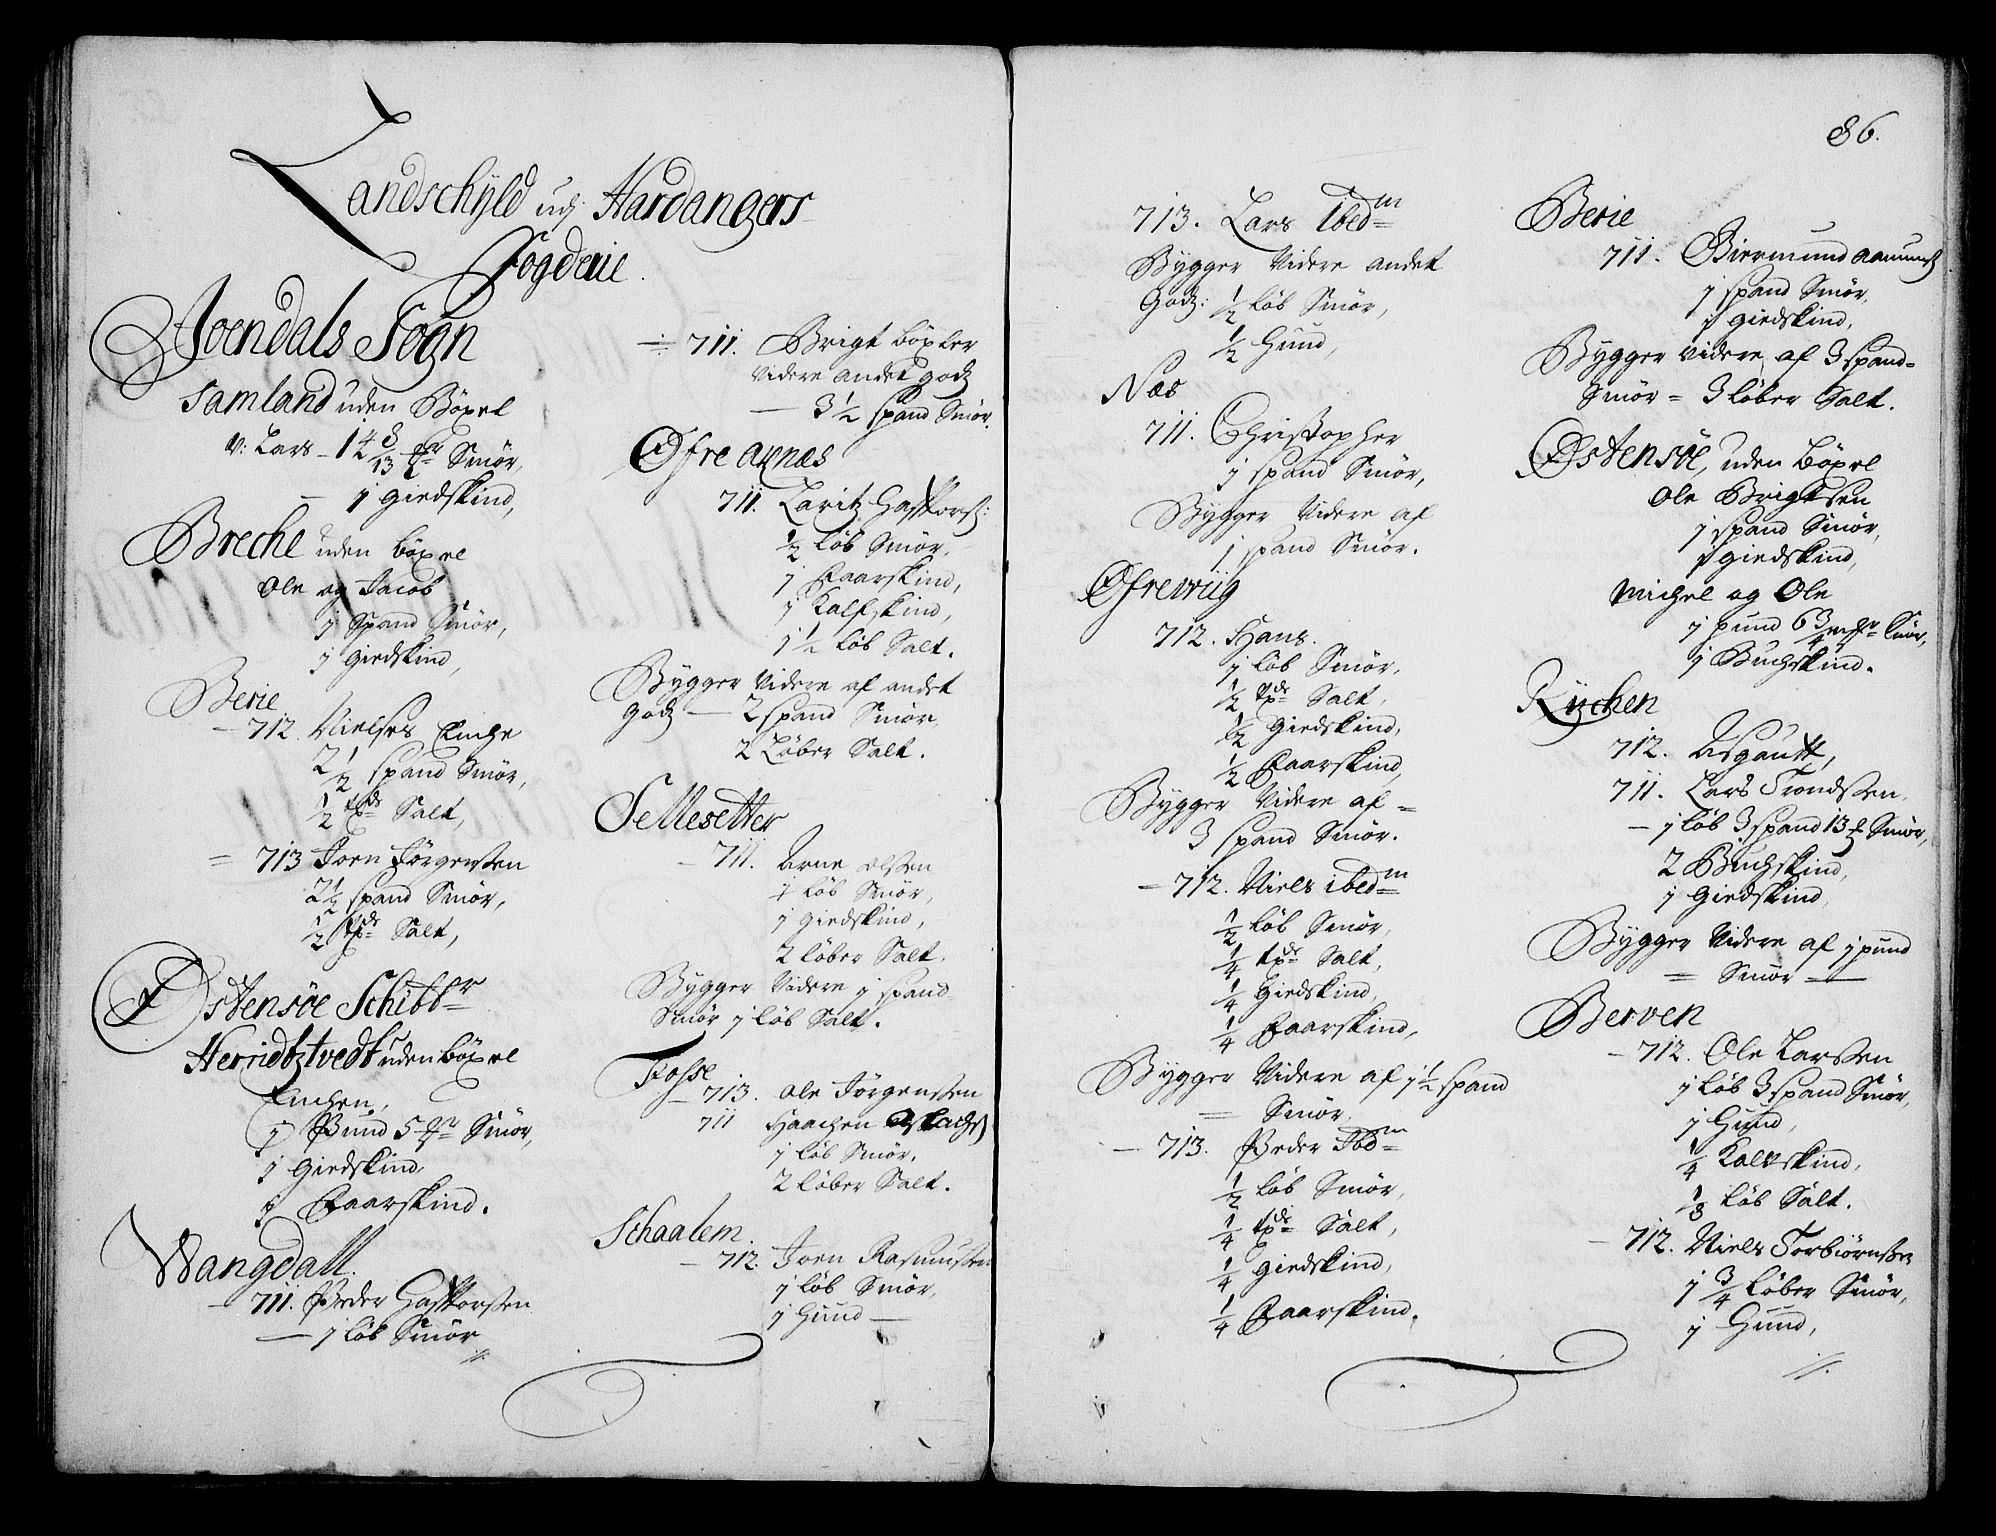 RA, Rentekammeret inntil 1814, Realistisk ordnet avdeling, On/L0003: [Jj 4]: Kommisjonsforretning over Vilhelm Hanssøns forpaktning av Halsnøy klosters gods, 1712-1722, s. 85b-86a